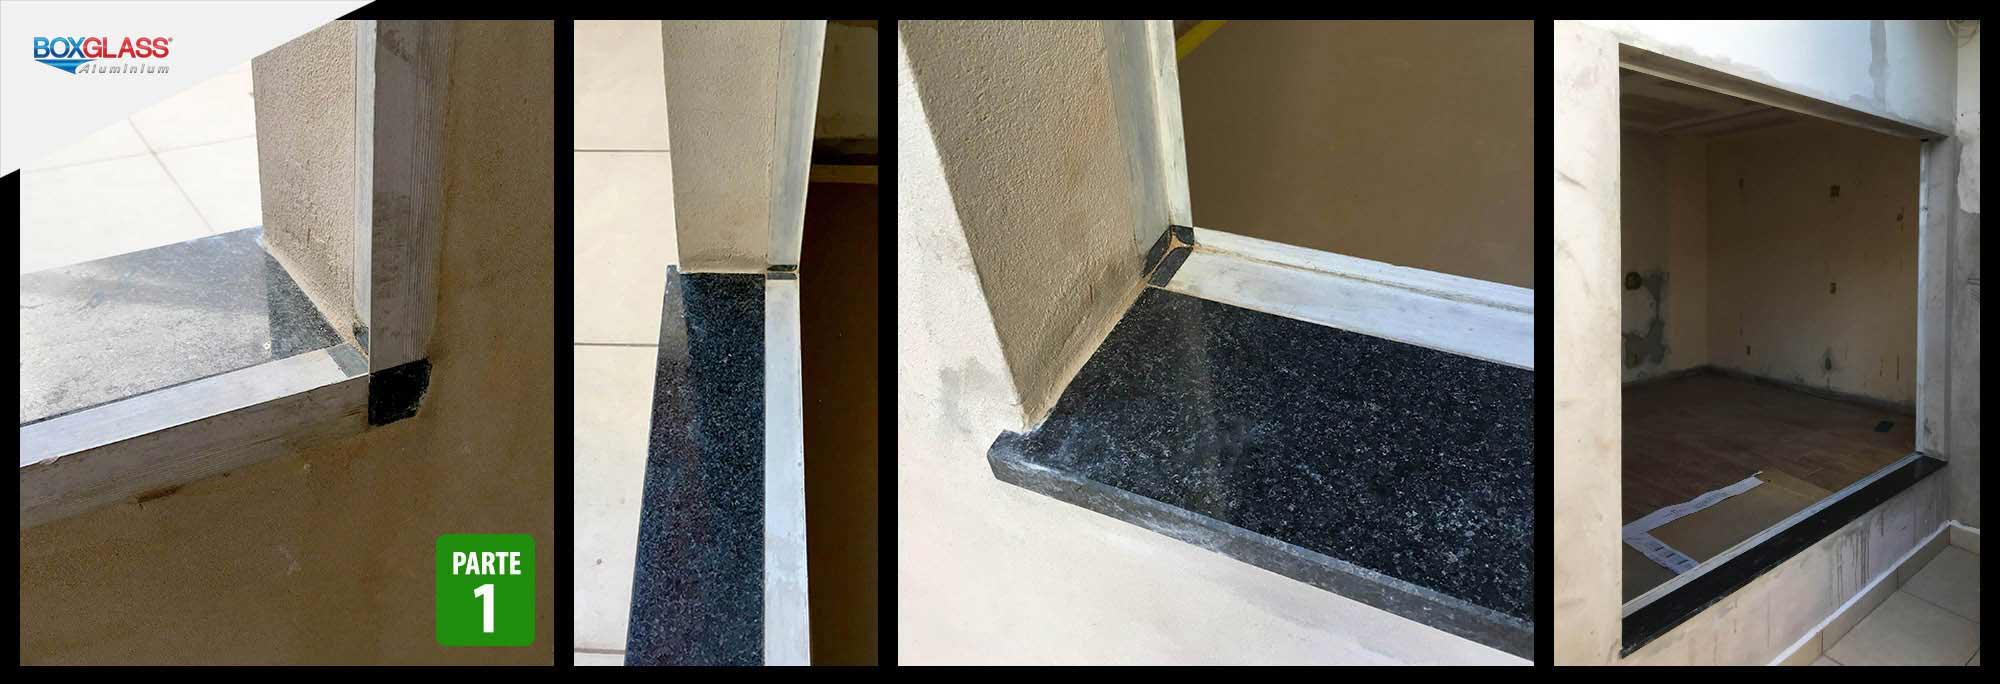 contra marco parte1 boxglass esquadrias de alumínio